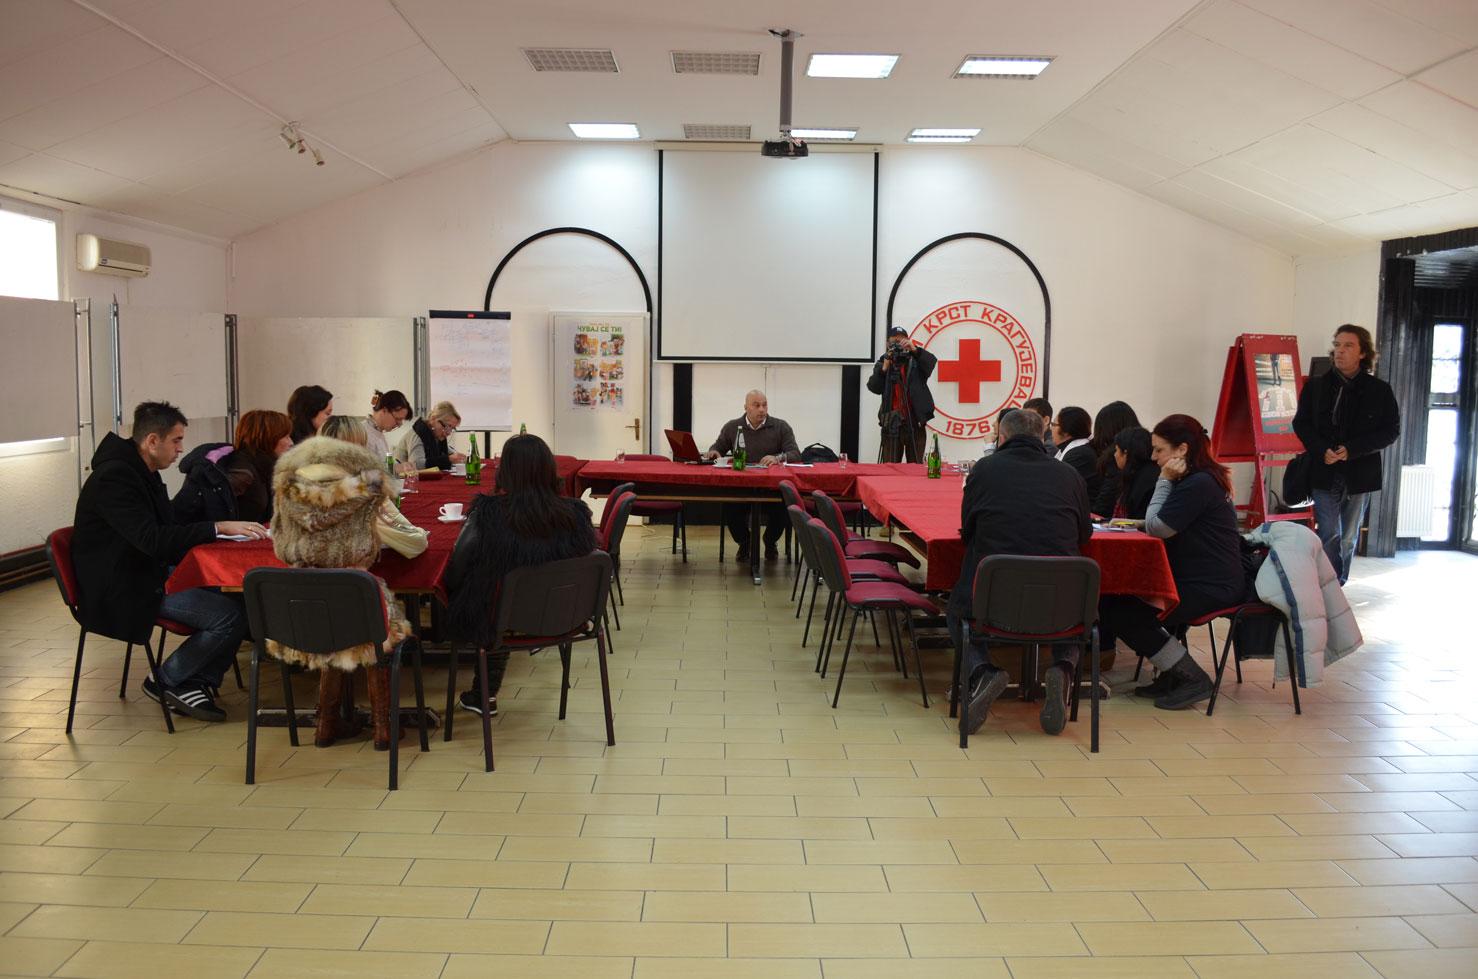 Roma centar socijalni monitoring u praksi slika 5